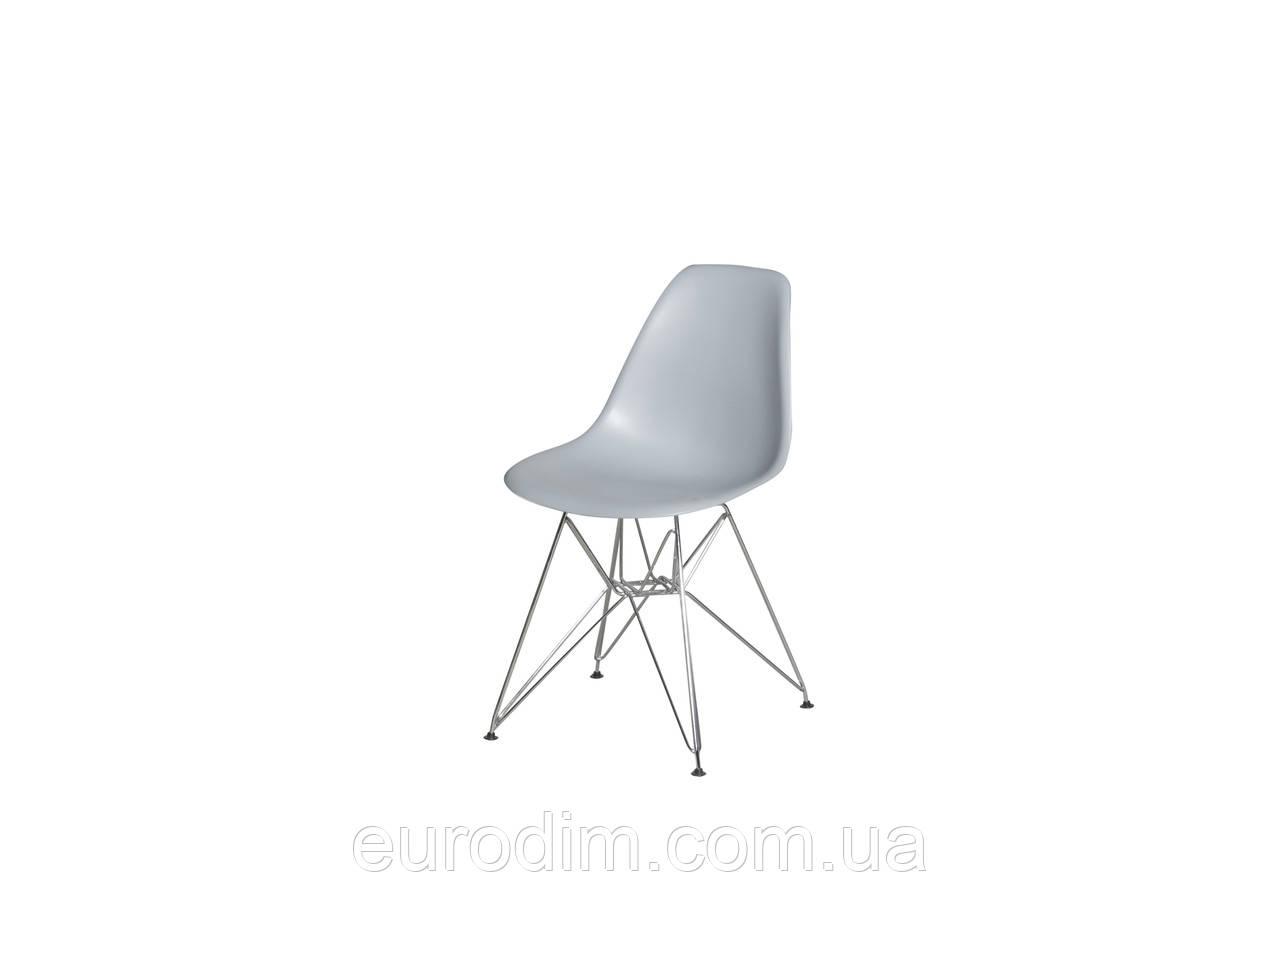 Стул 8056 LINO grey